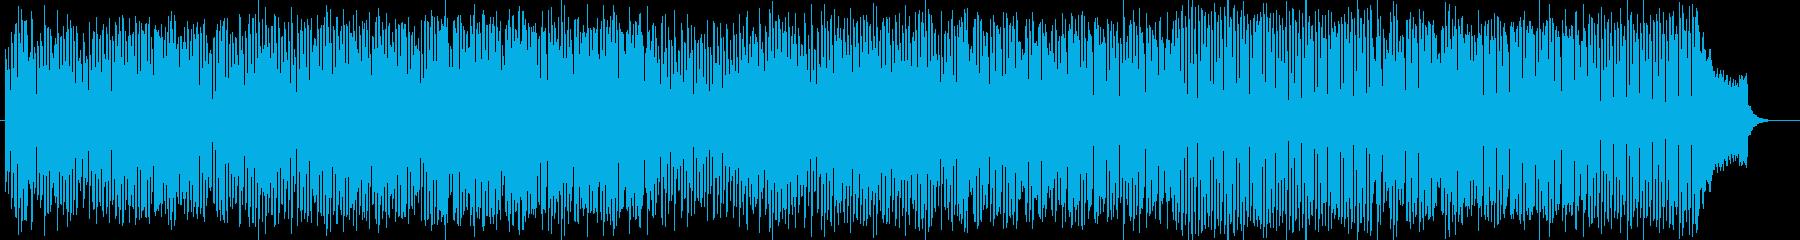 明るく楽しいシンセサイザー系サウンドの再生済みの波形